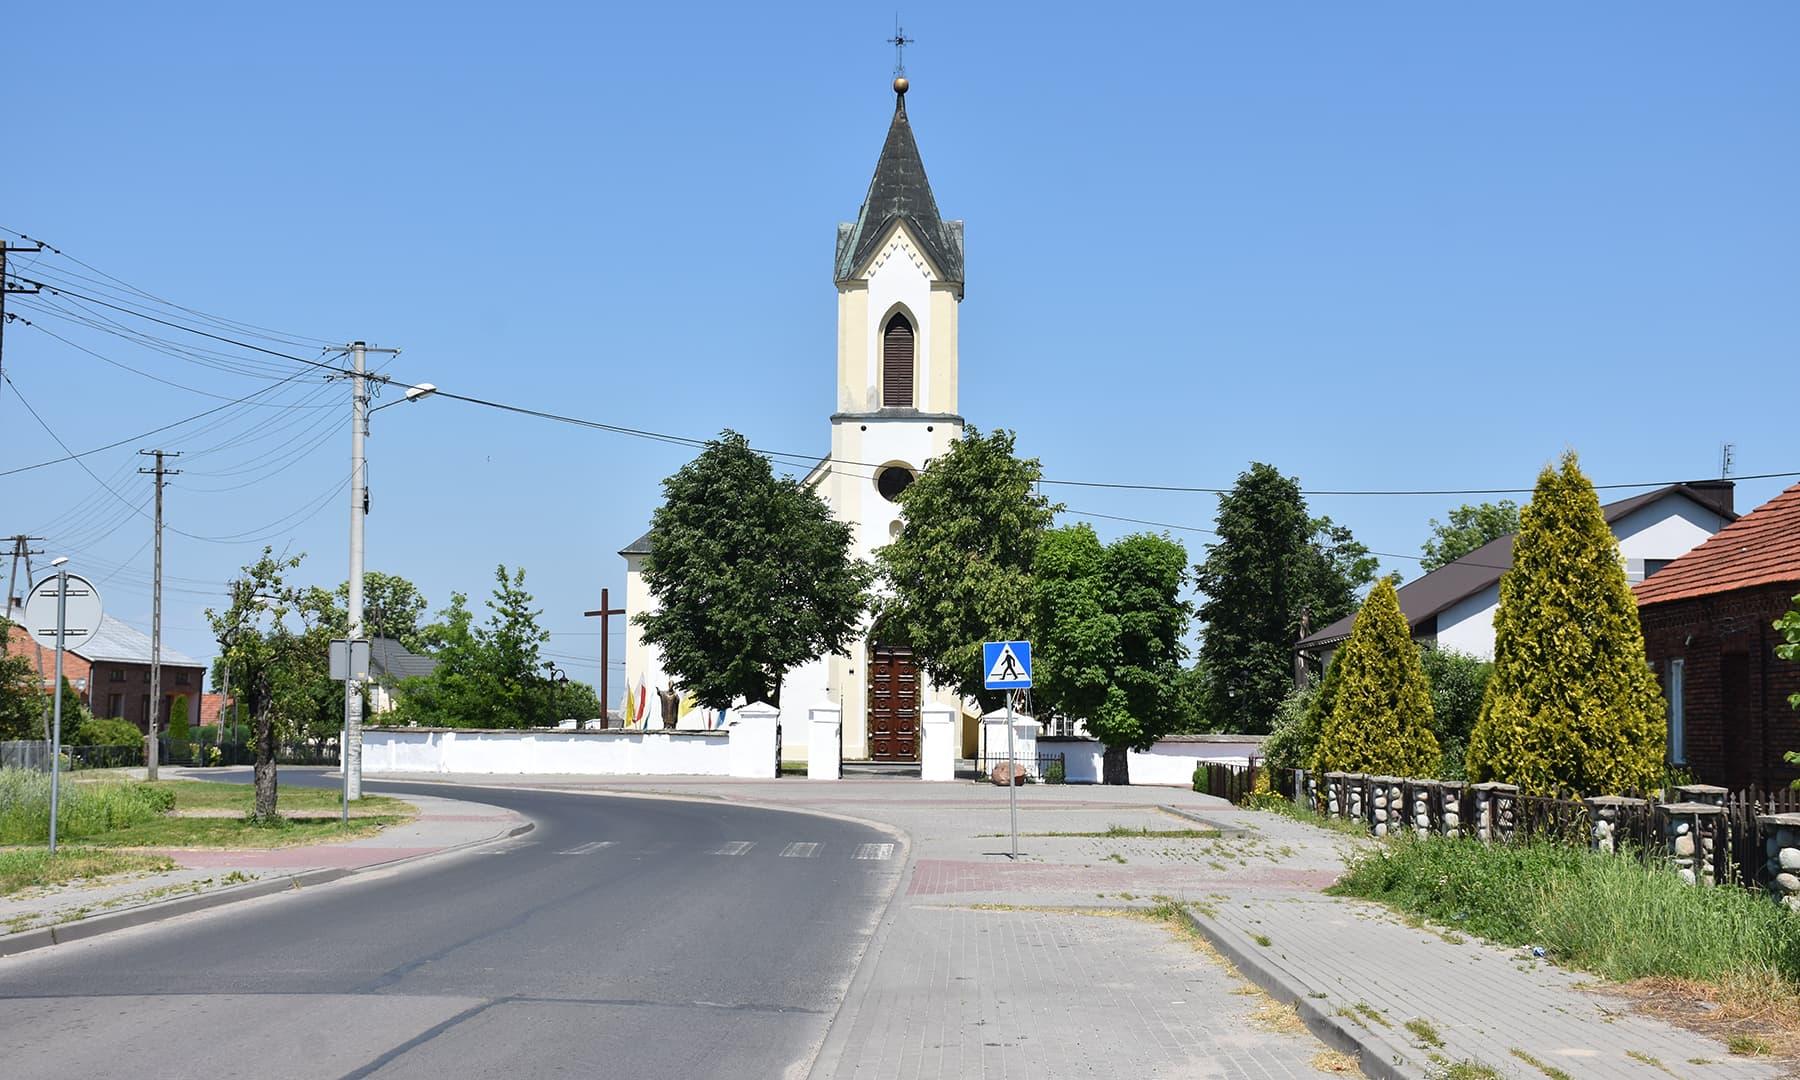 راستے میں آنے والا ایک گاؤں